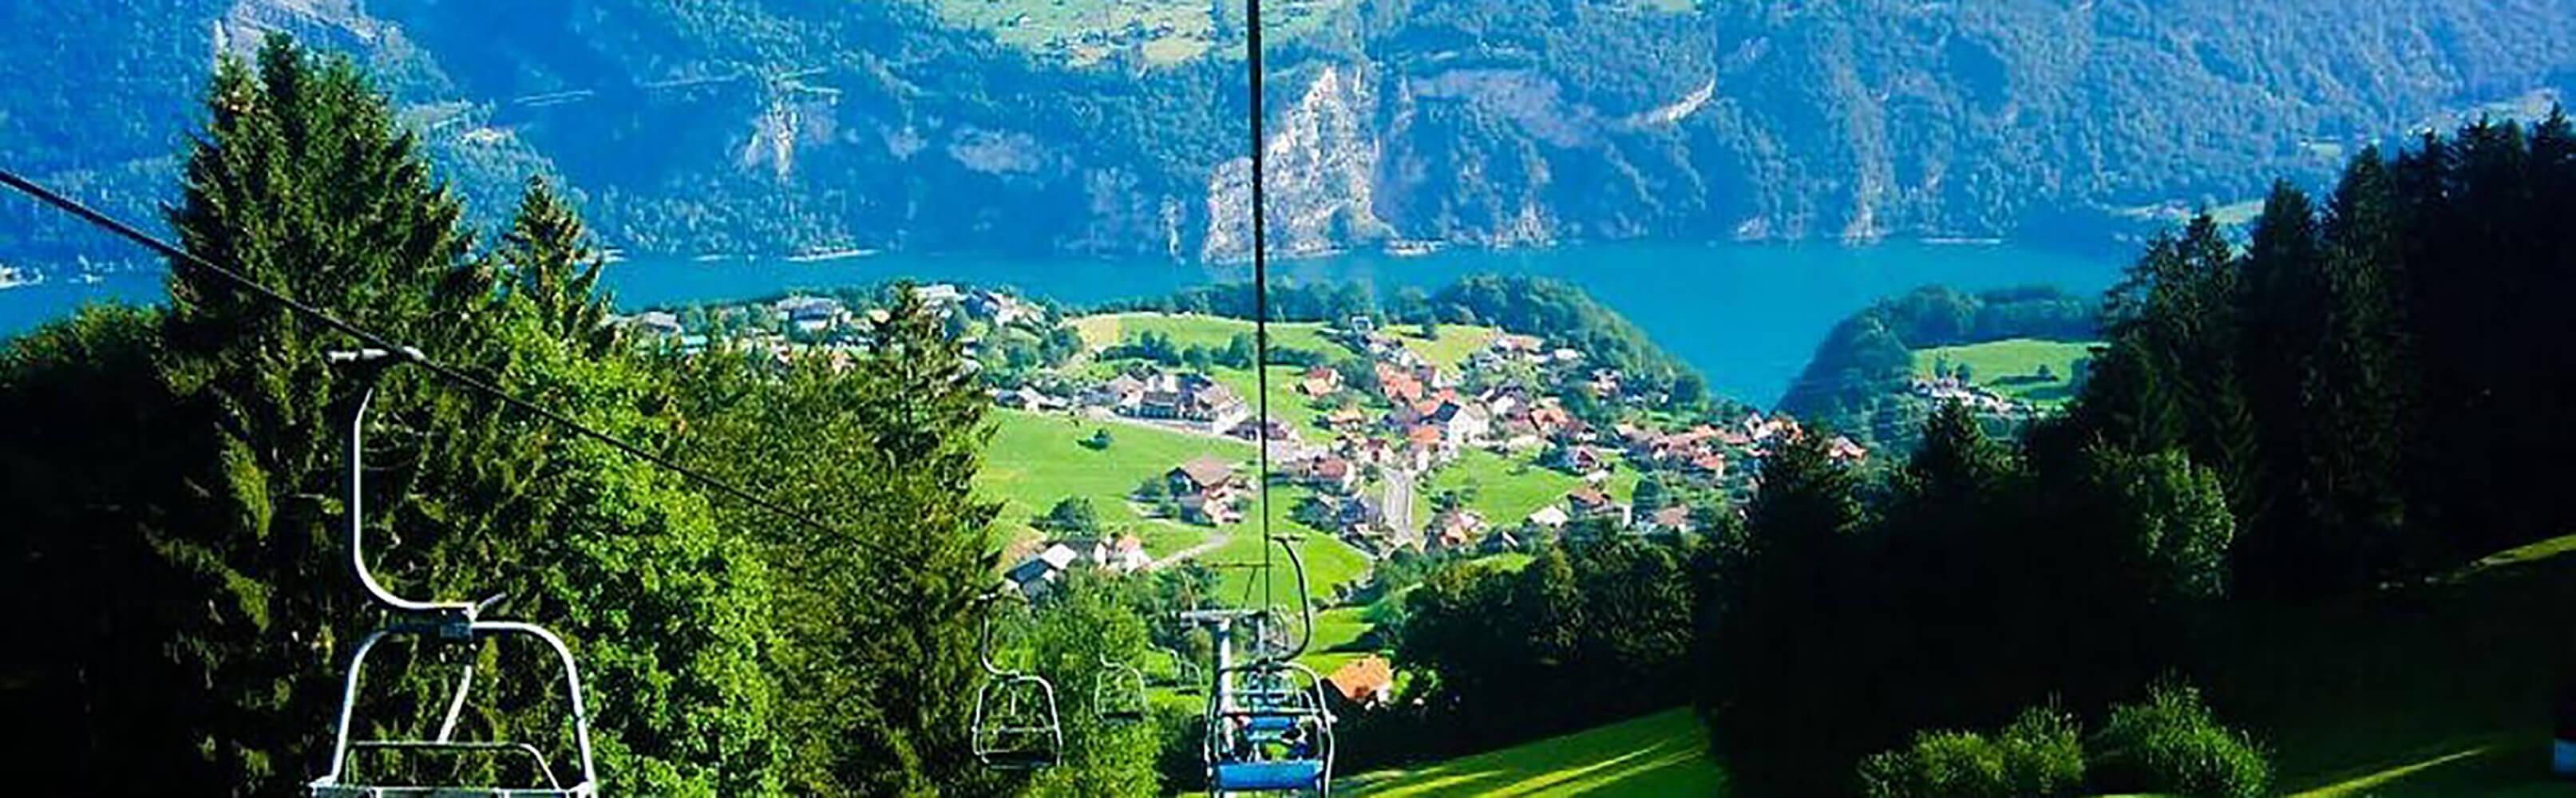 Kerenzerberg - Ihr naturnaher Erlebnis- und Ausflugsberg  1